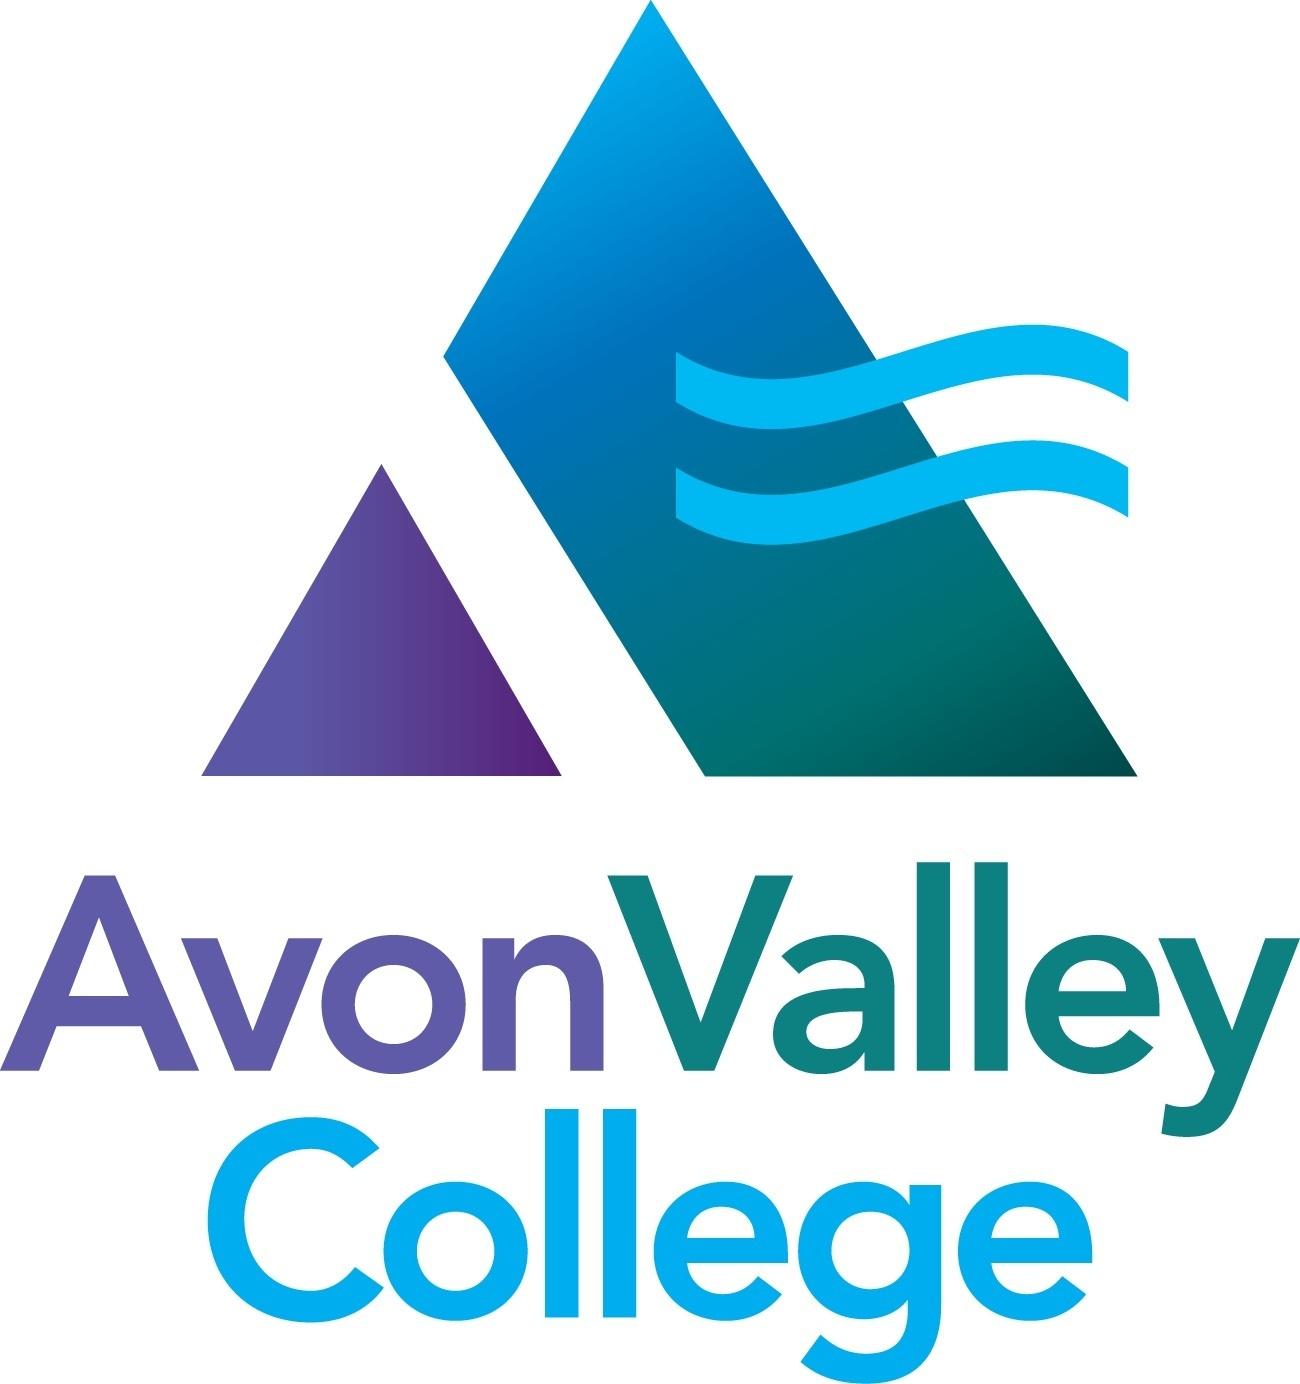 Avon Valley College